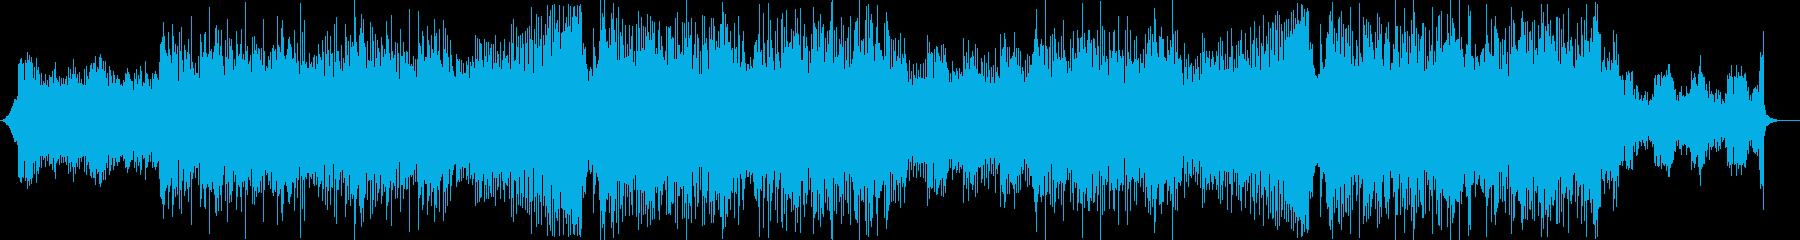 クールで少し切ないFuture Bassの再生済みの波形